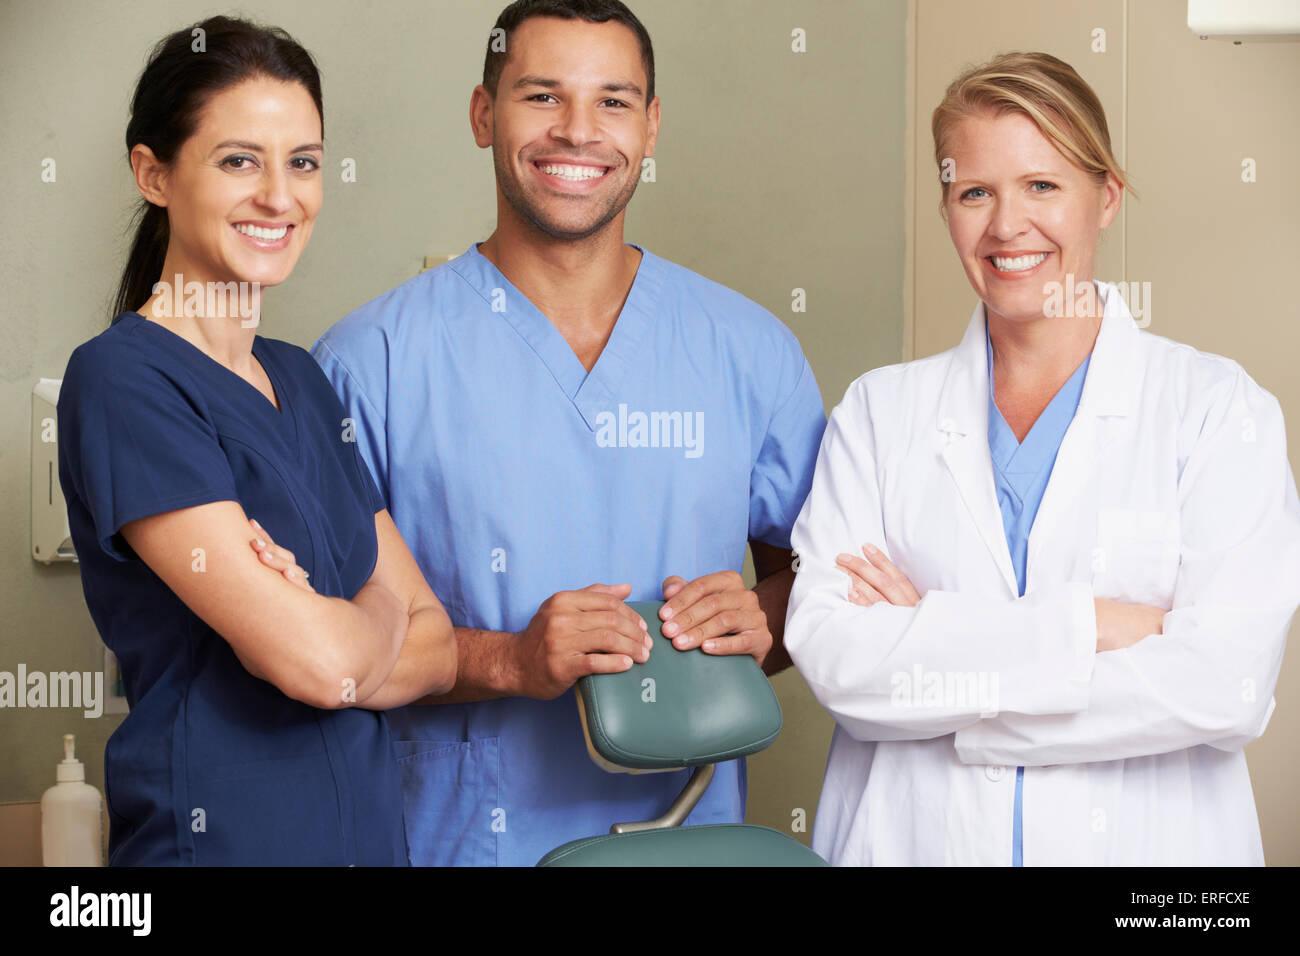 dental nursing